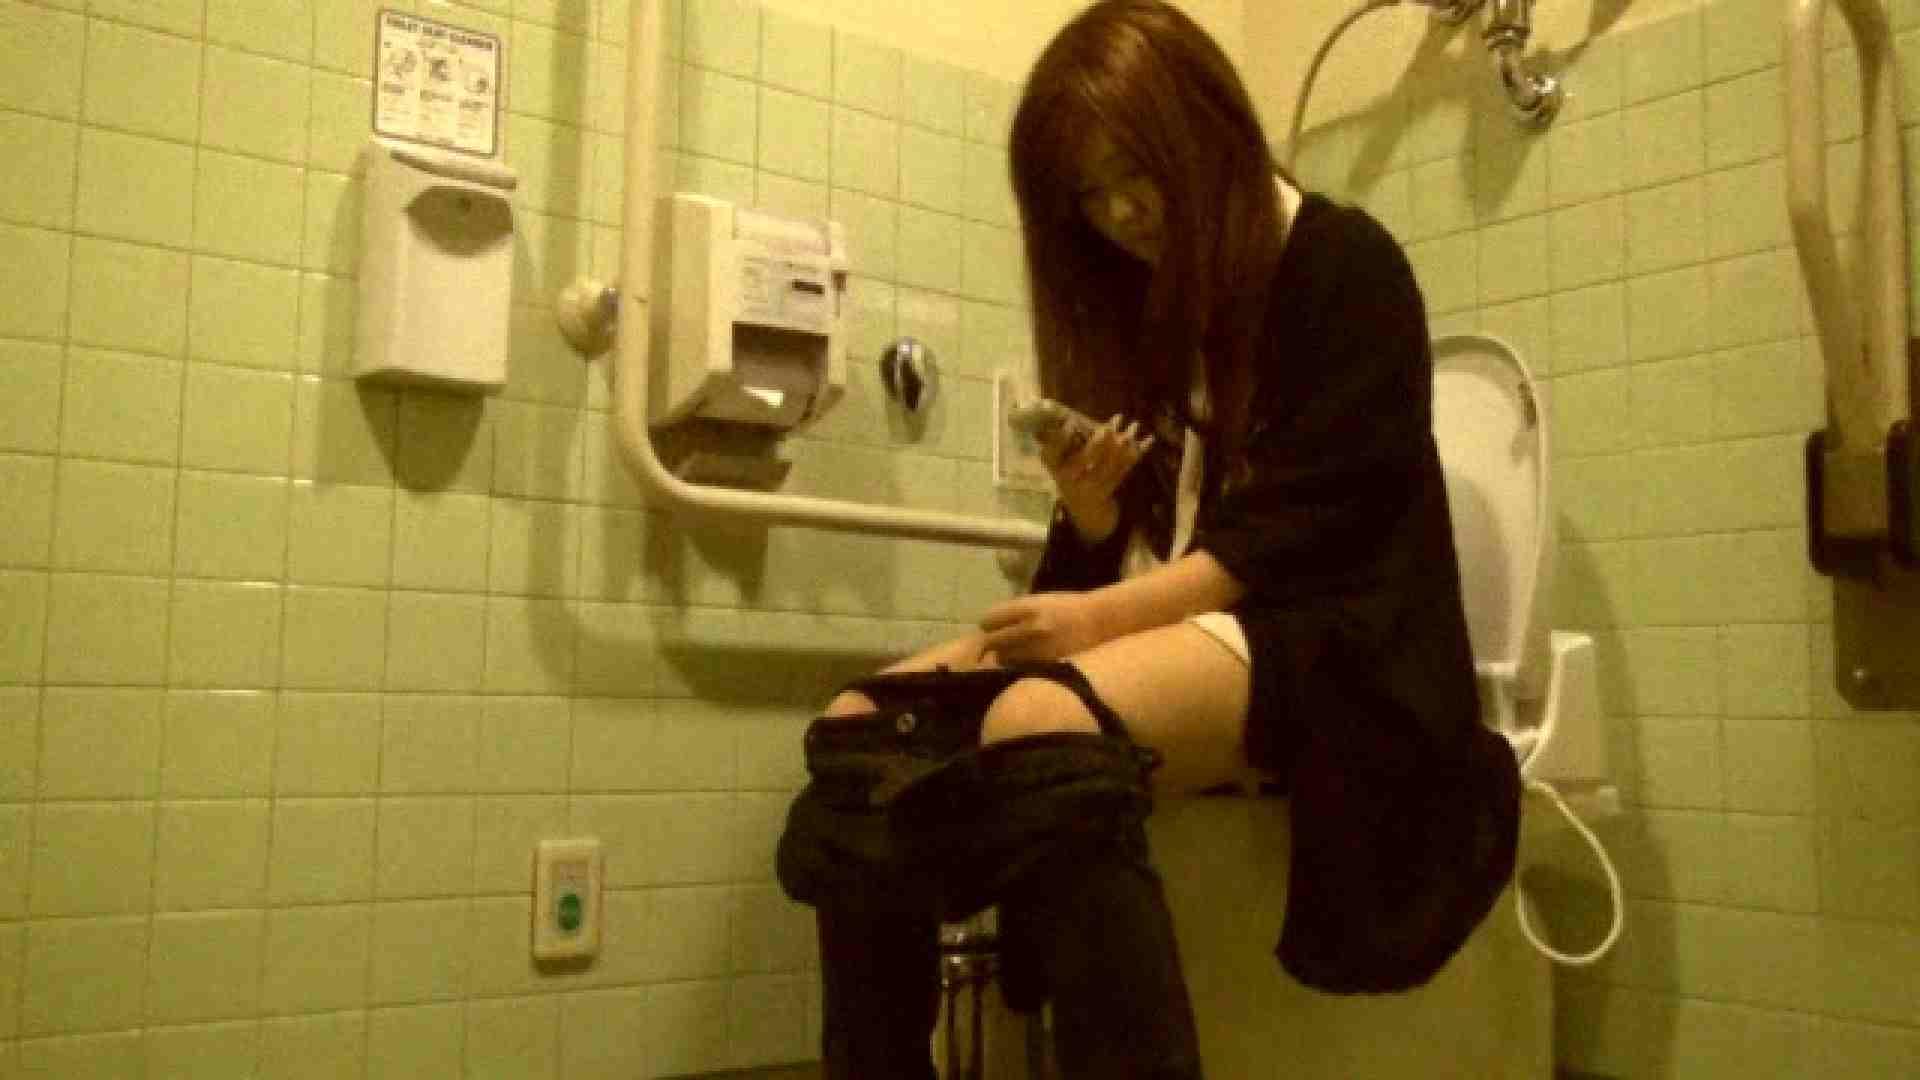 魔術師の お・も・て・な・し vol.26 19歳のバーの店員さんの洗面所をしばし… 洗面所 | 美女OL  54連発 31